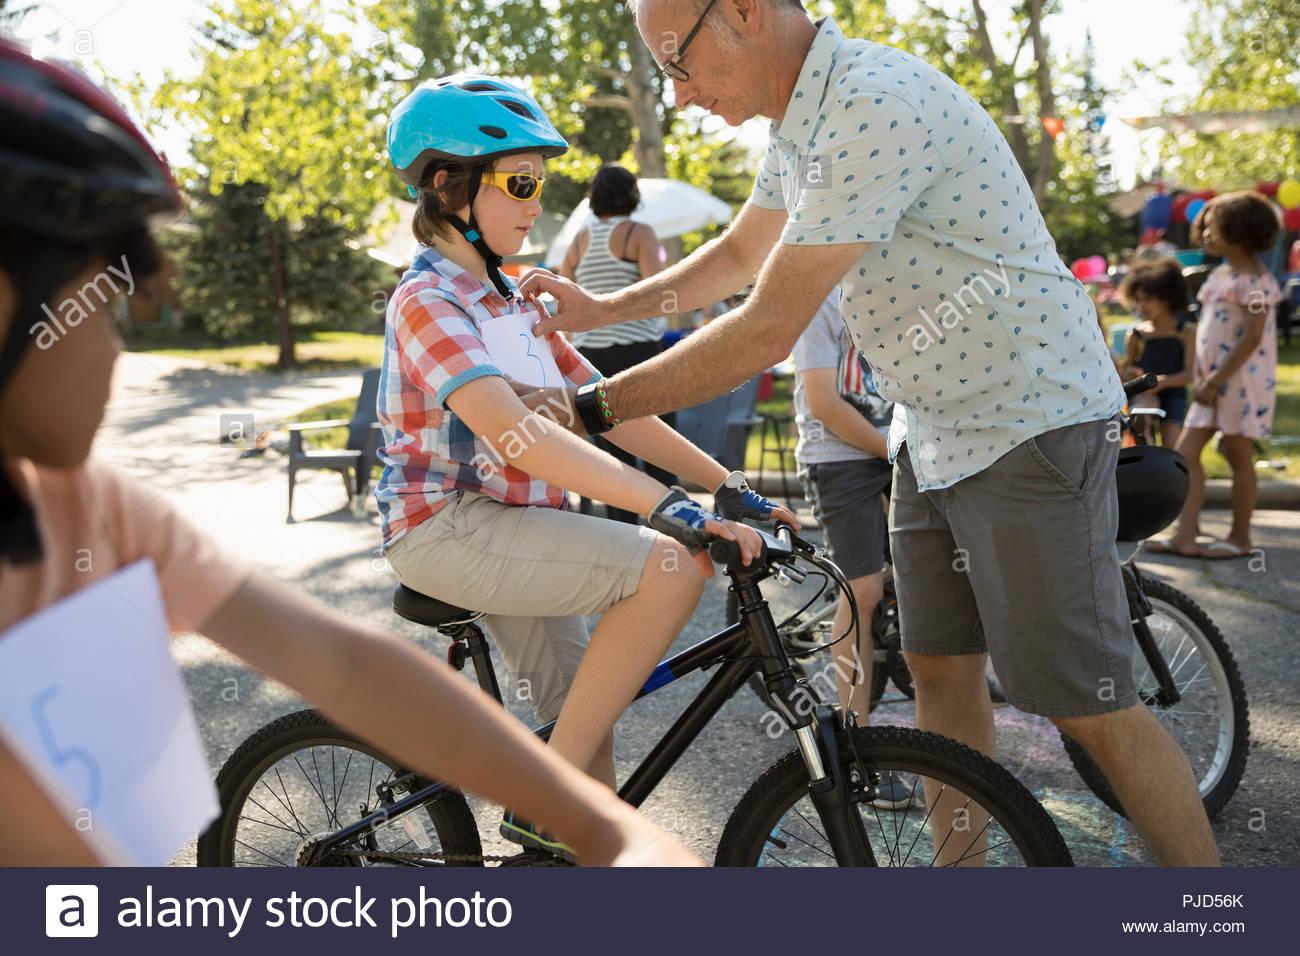 Padre maratona di pinning bib su sun la preparazione per la gara di moto ad estate quartiere block party Immagini Stock